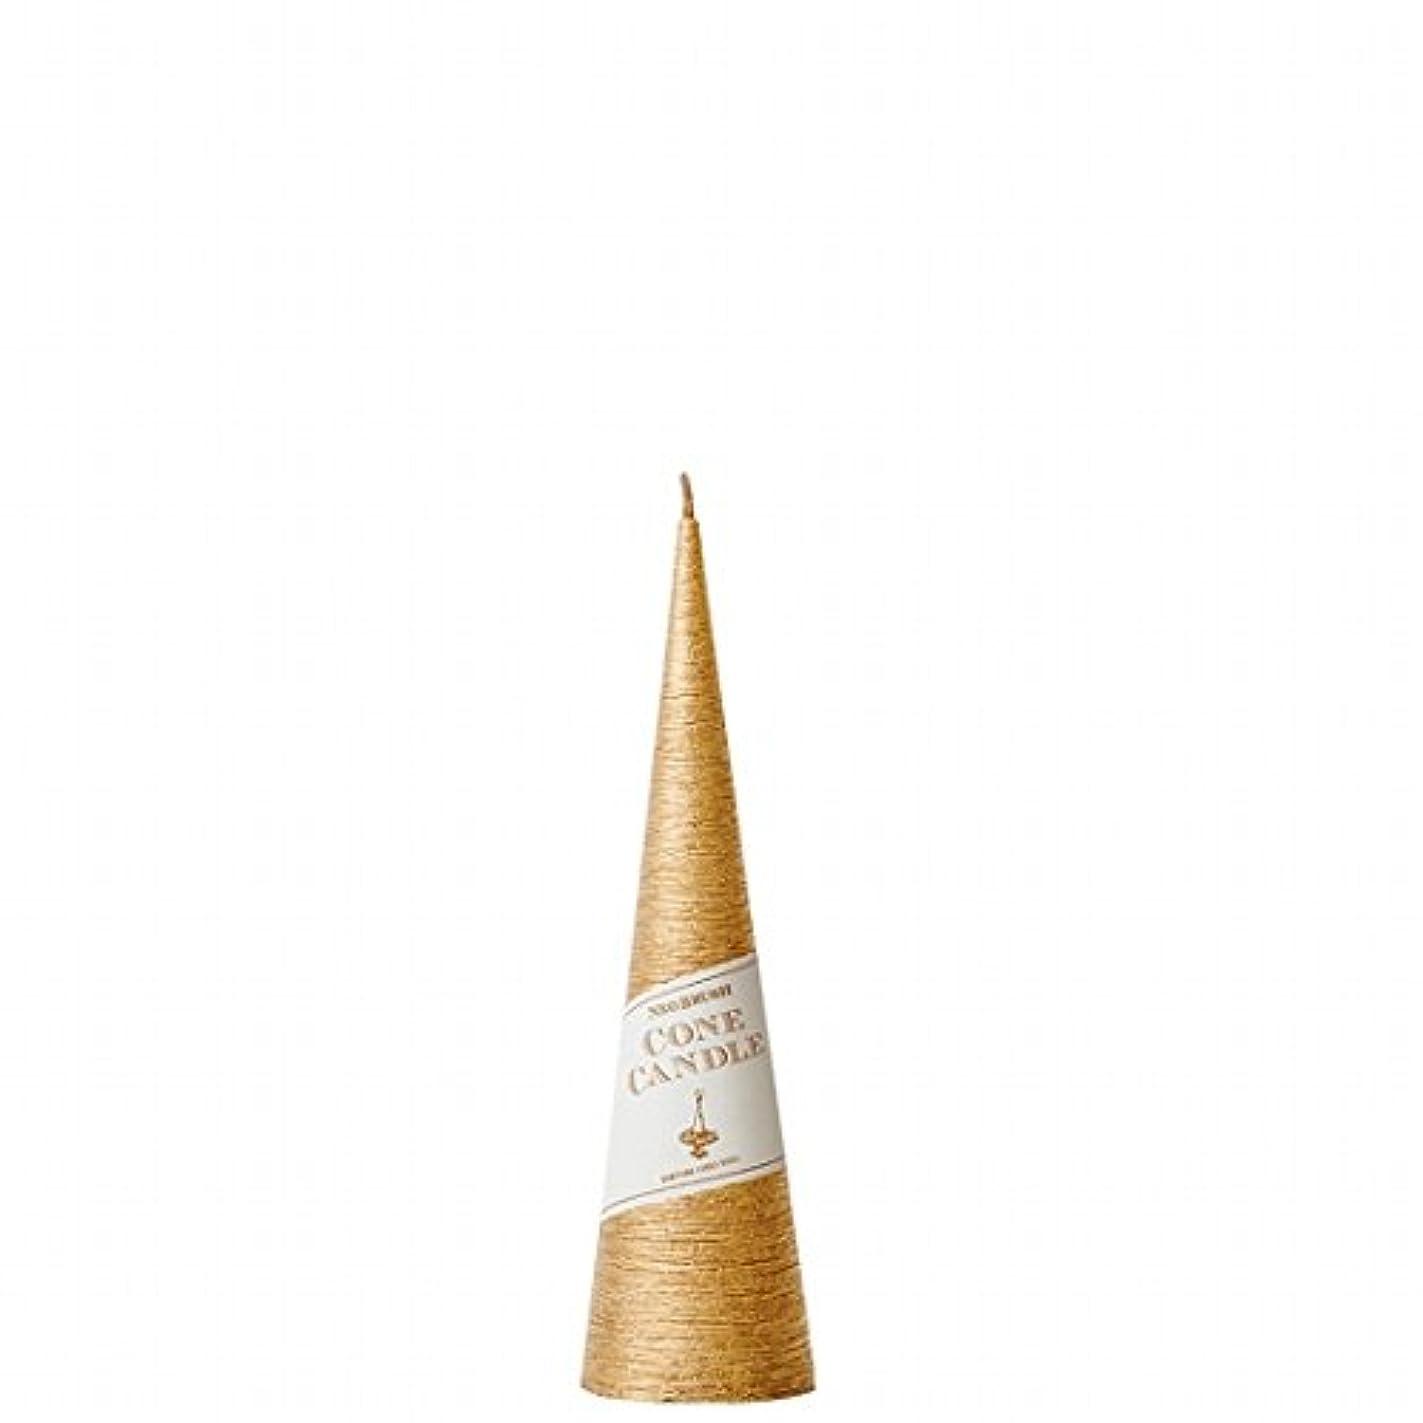 葬儀抑圧アカウントkameyama candle(カメヤマキャンドル) ネオブラッシュコーン 180 キャンドル 「 ゴールド 」 6個セット(A9750110GO)